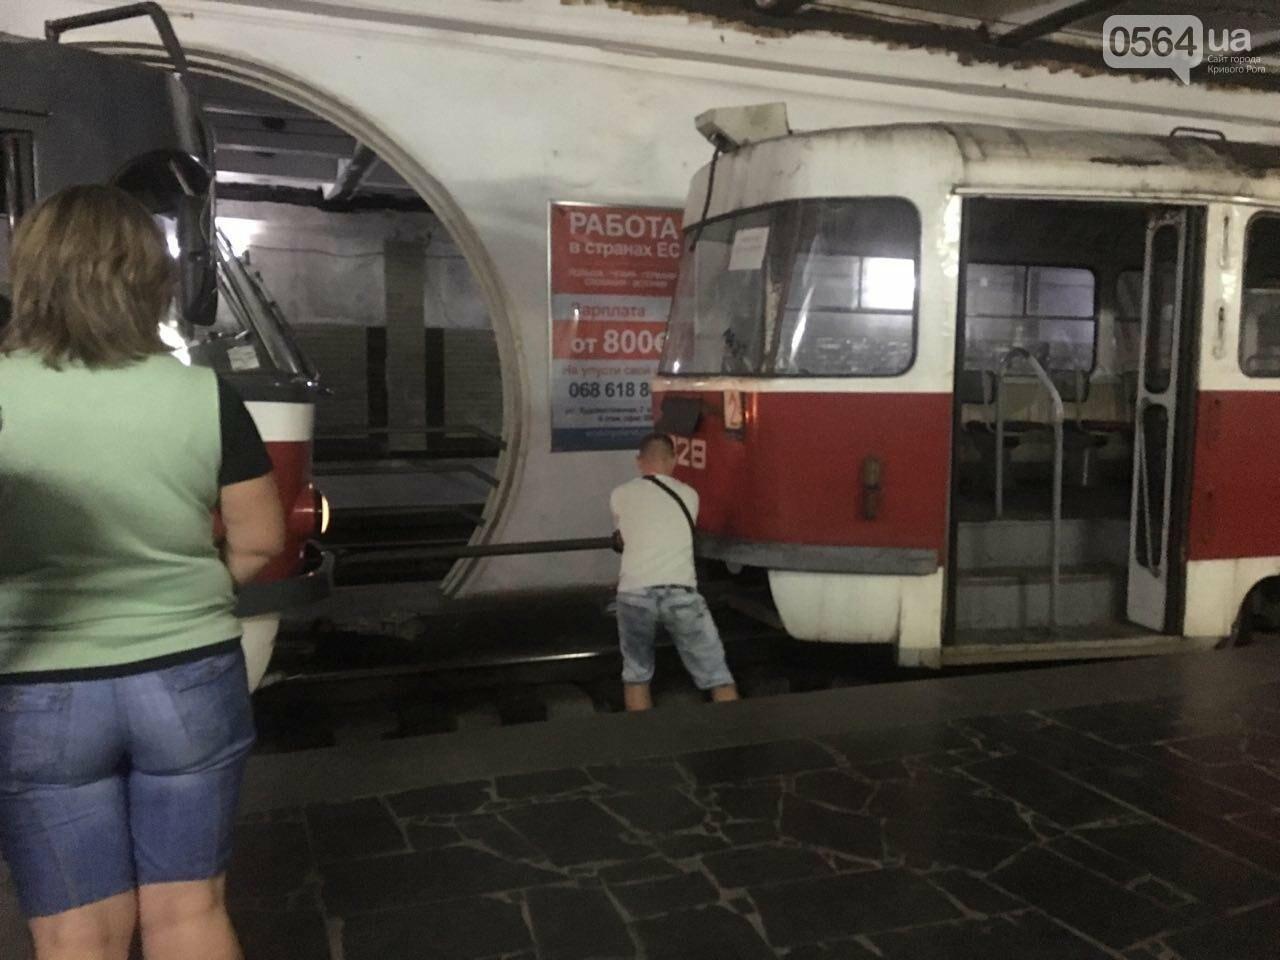 Ни дня без поломки: Маршрут скоростного трамвая снова заблокировали неисправные вагоны, - ФОТО, фото-4